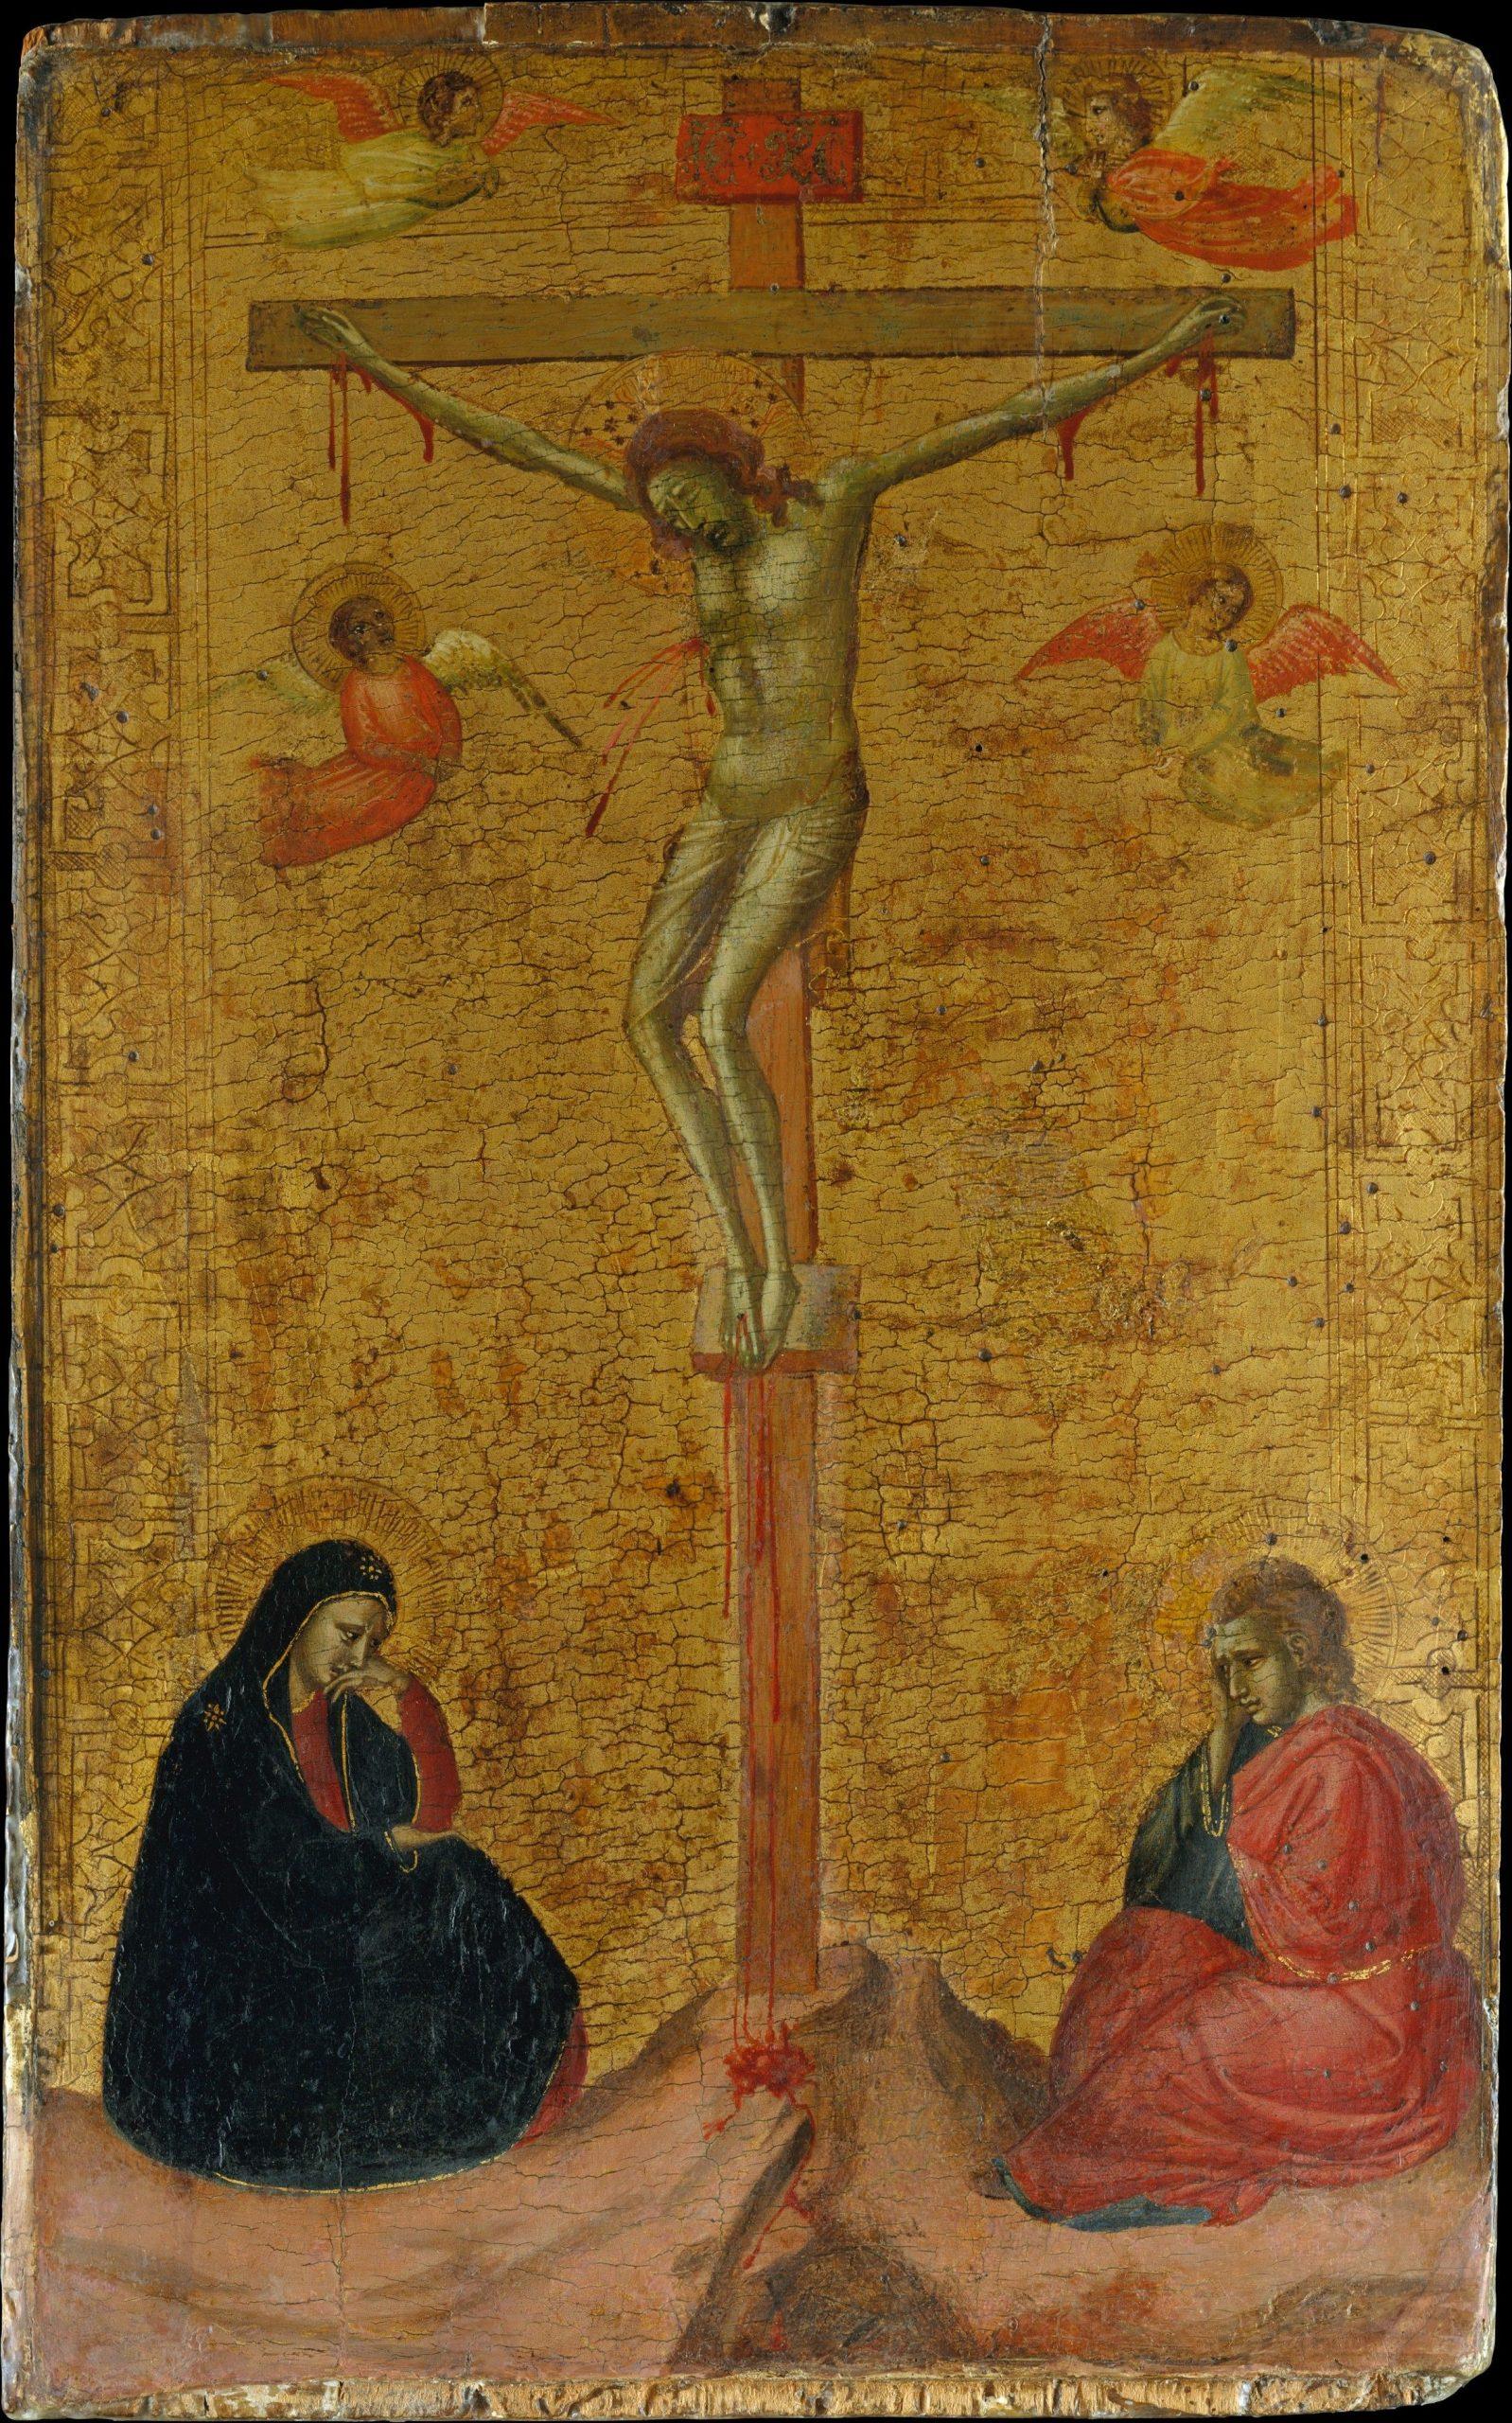 1325-30, La crucifixión de Bernardo Daddi (témpera sobre madera, fondo dorado)